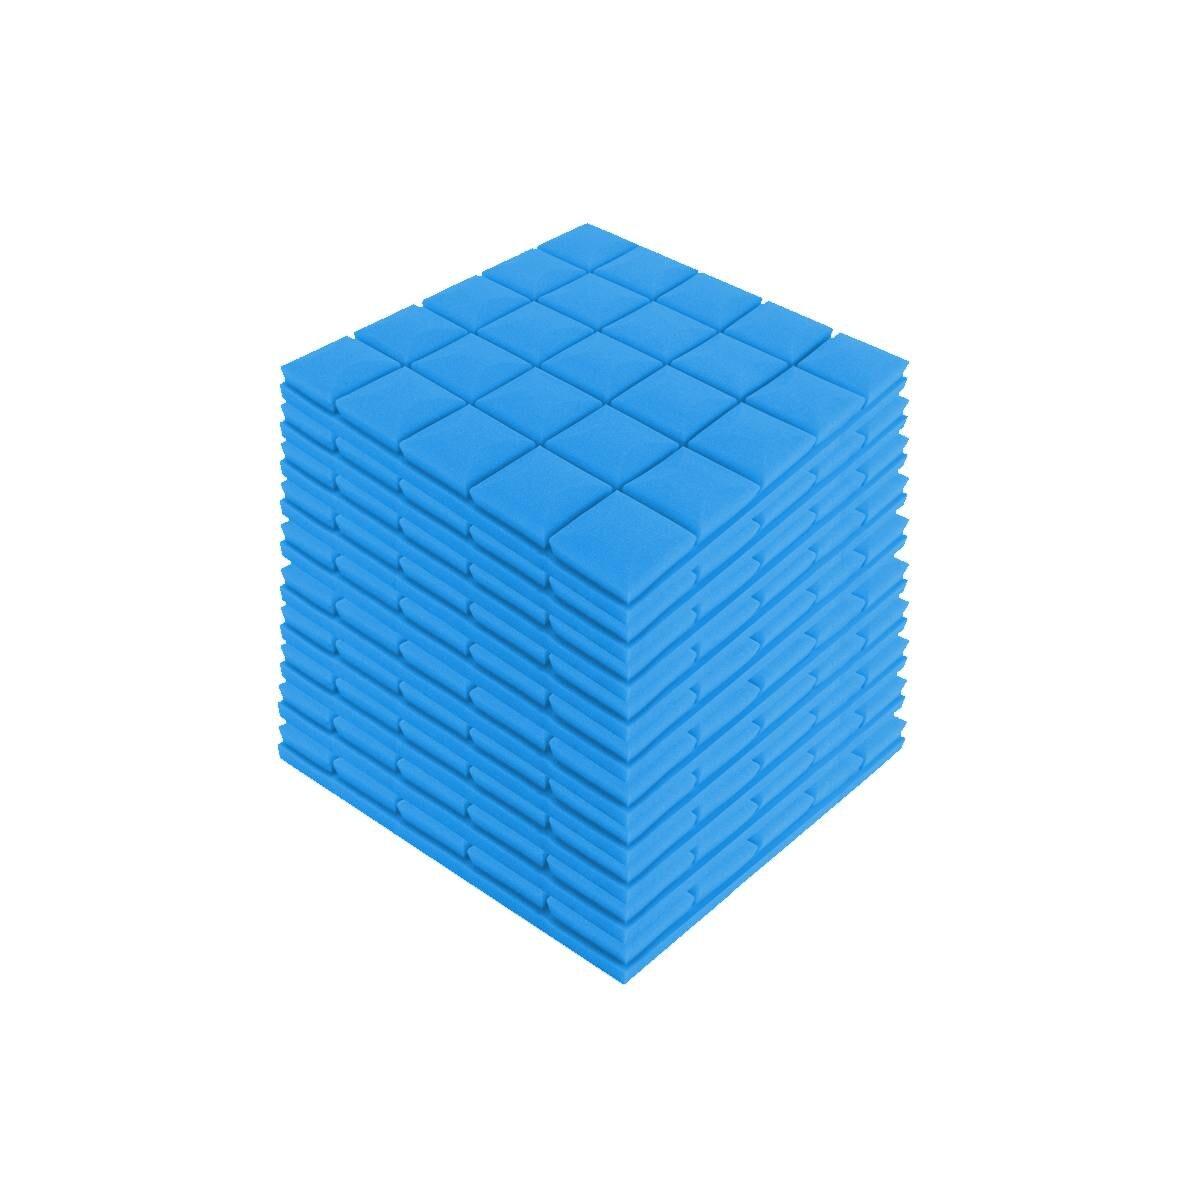 24 Uds. 4 colores 50x50x5cm estudio acústico insonorizado espuma absorción de sonido Panel de tratamiento azulejo cuña esponja protectora - 6